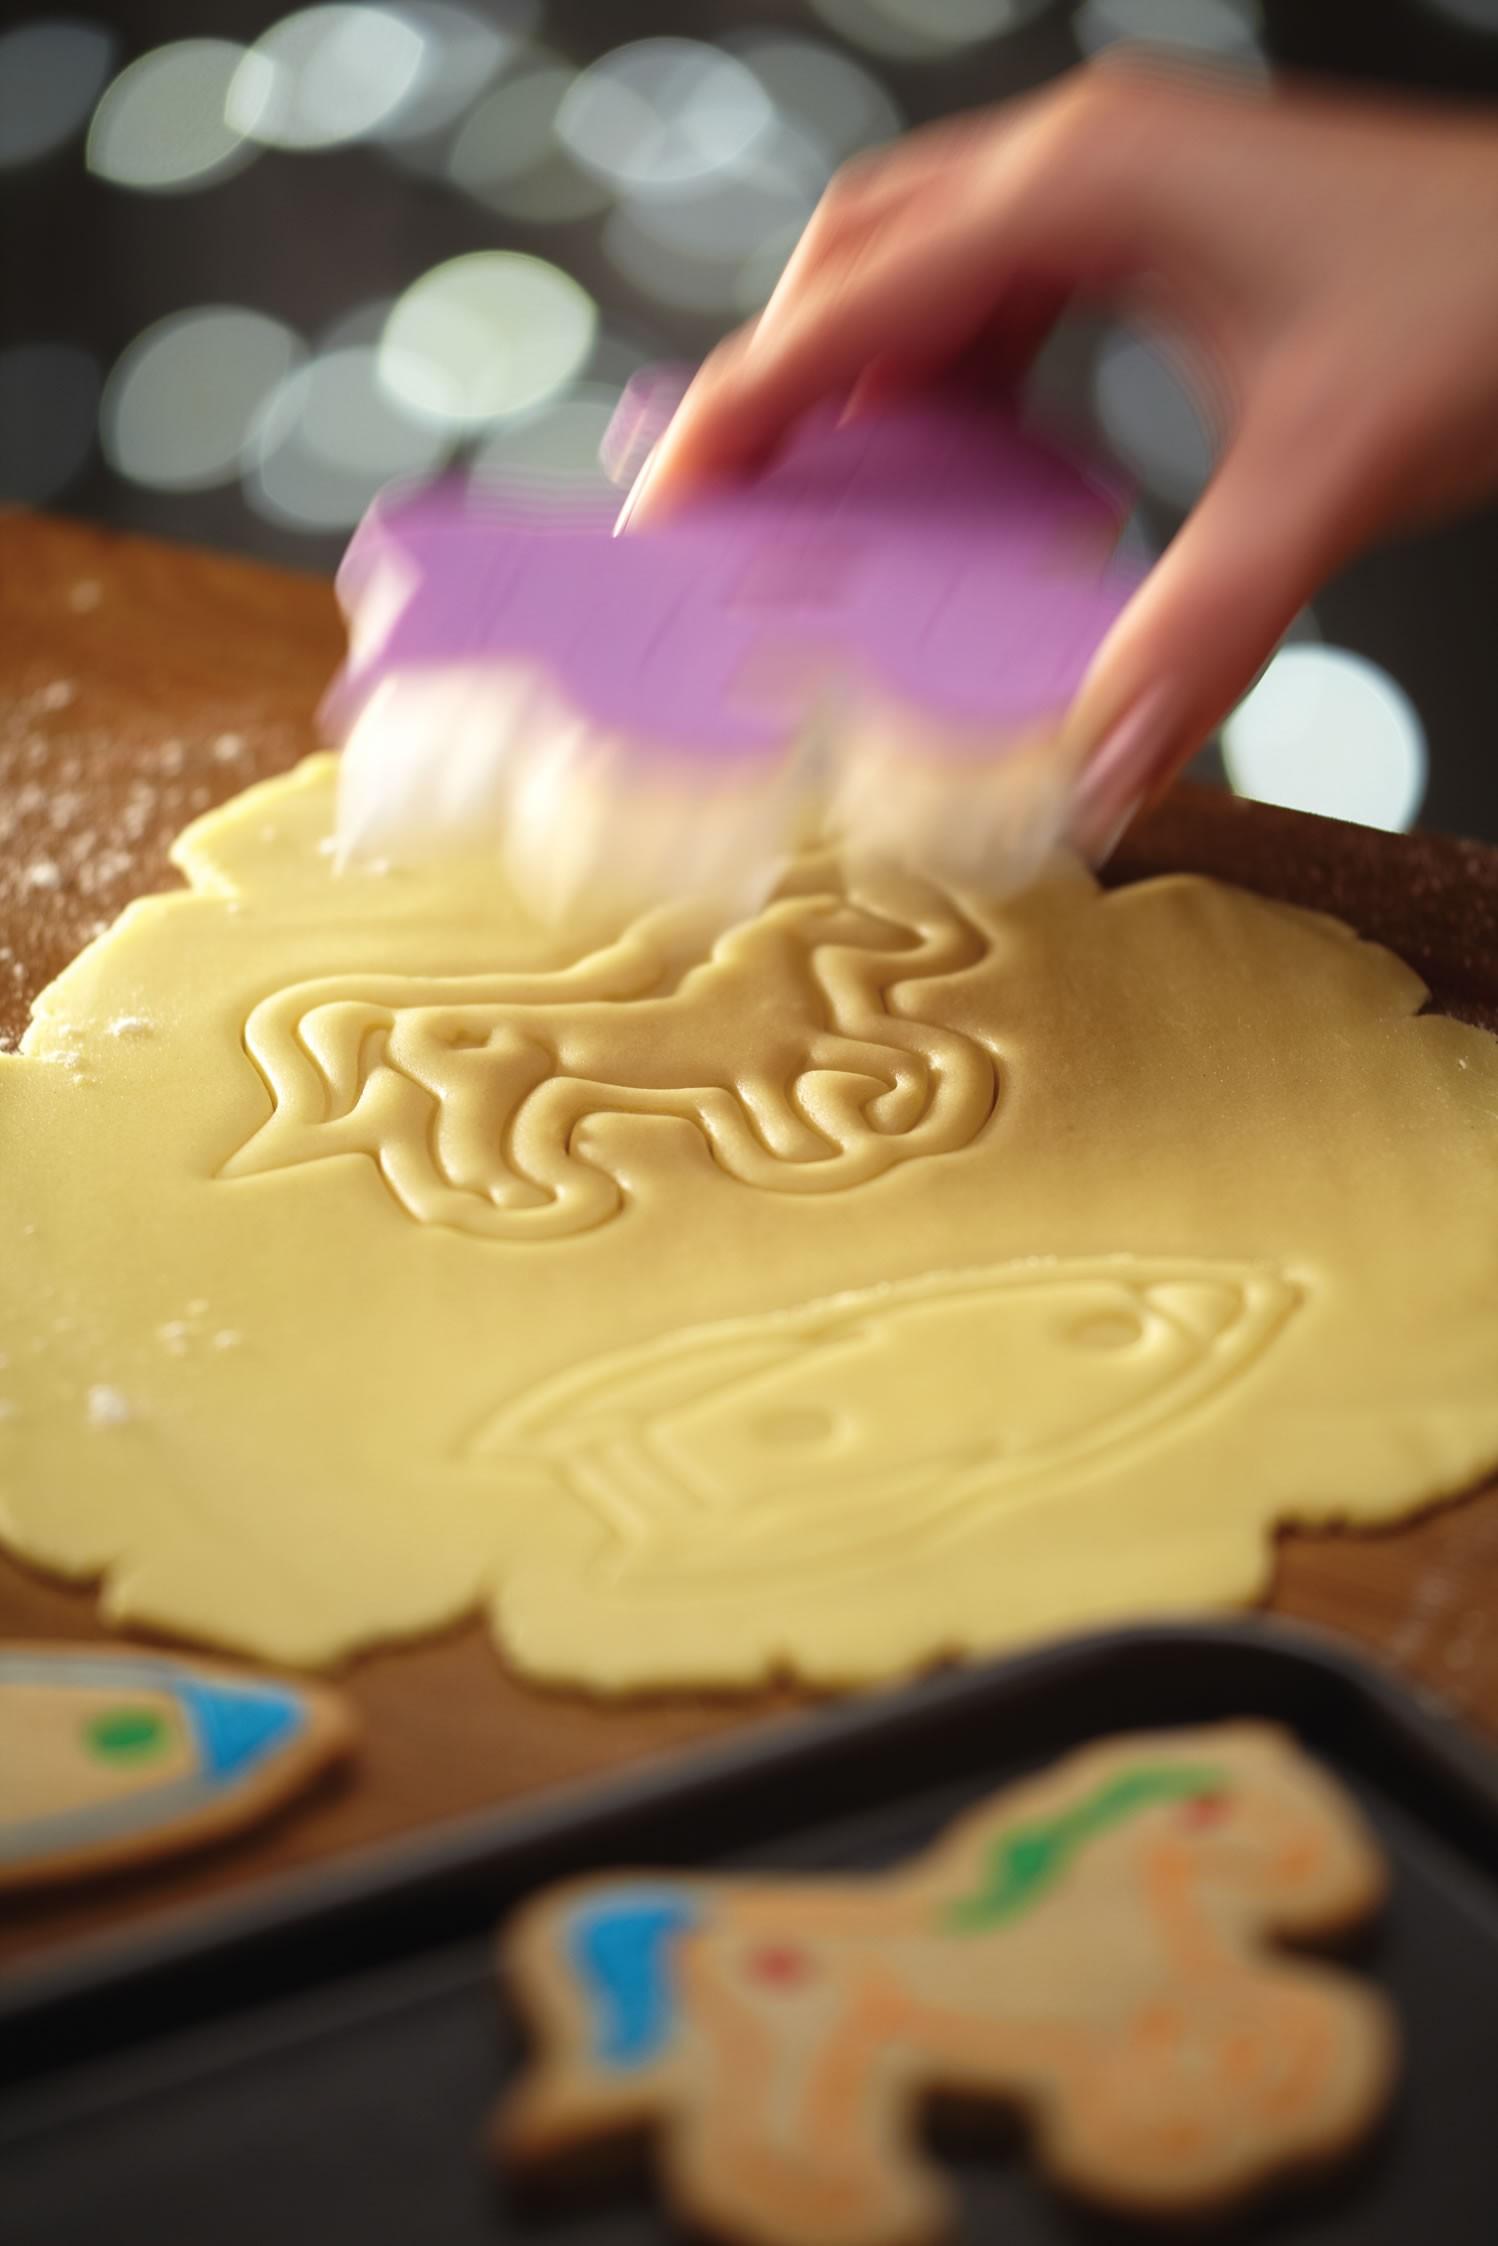 κουπ-πατ αλογάκι 3d kitchencraft home   ζαχαροπλαστικη   κουπ   πατ